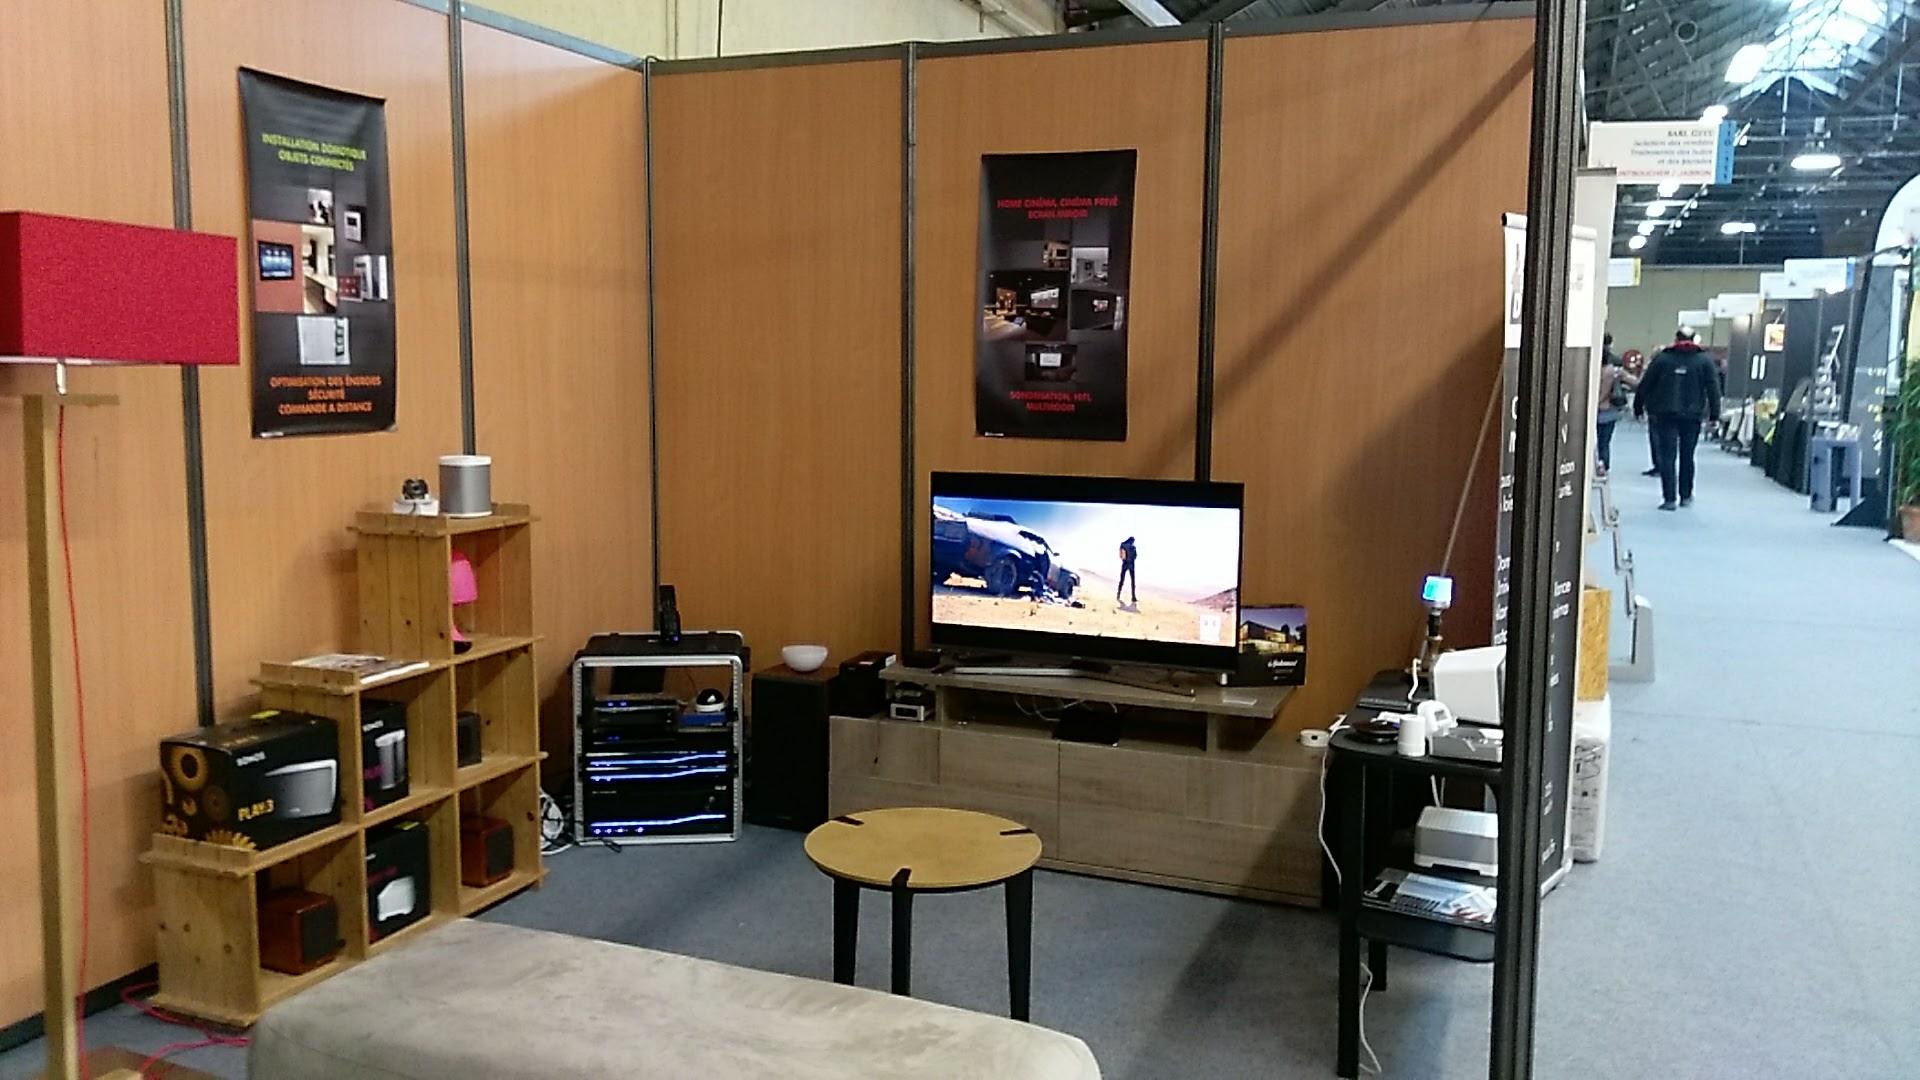 Salon de l artisanat de valence 2016 aisance domotique for Salon de l artisanat valence